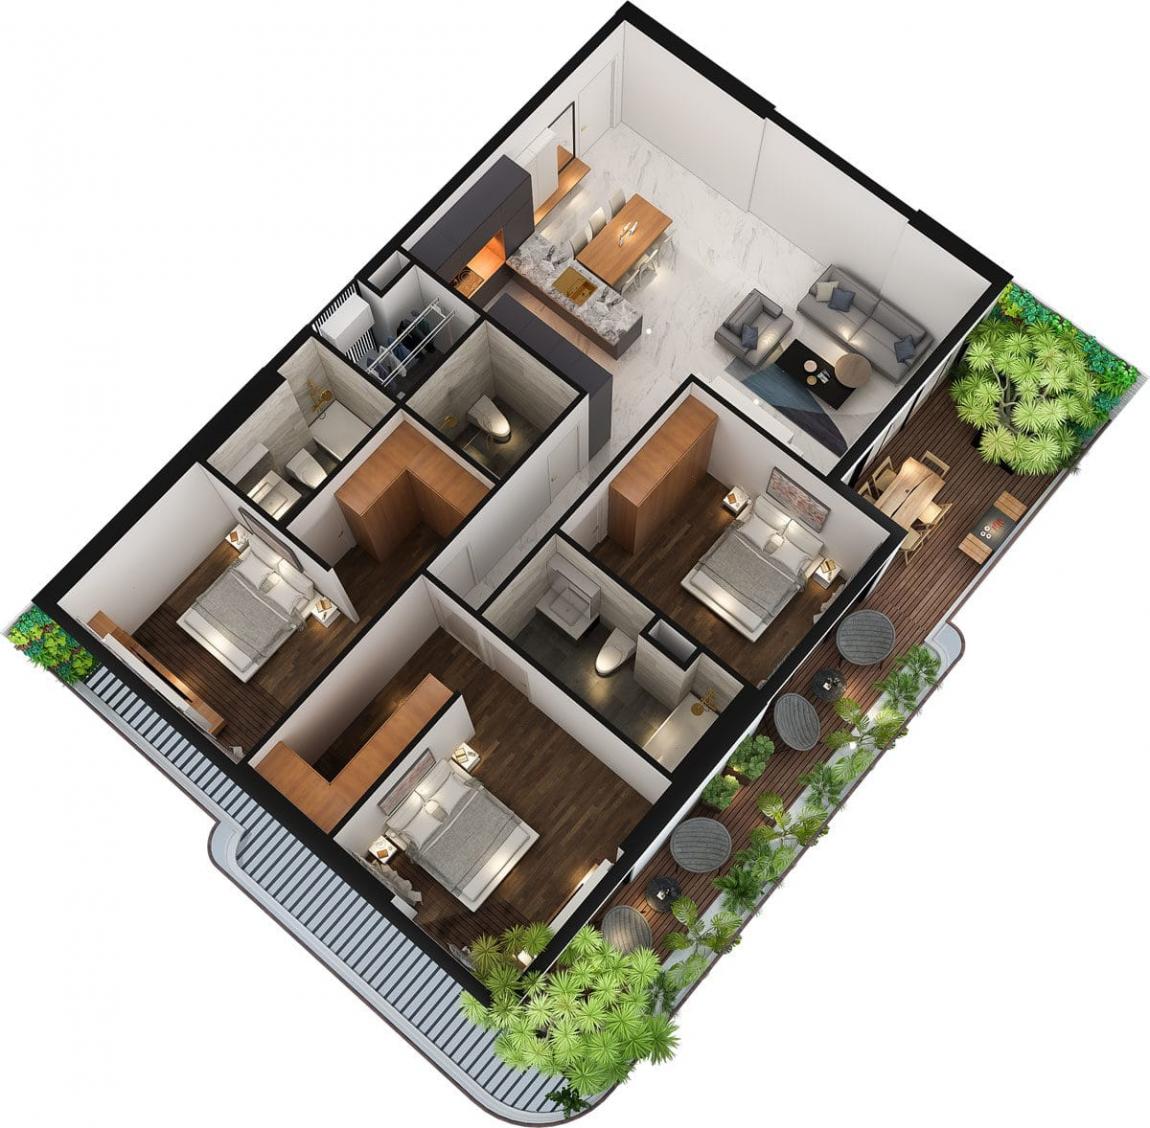 Mô hình thiết kế 3D mẫu căn hộ 3 phòng ngủ dự án Sunshine Horizon Quận 4